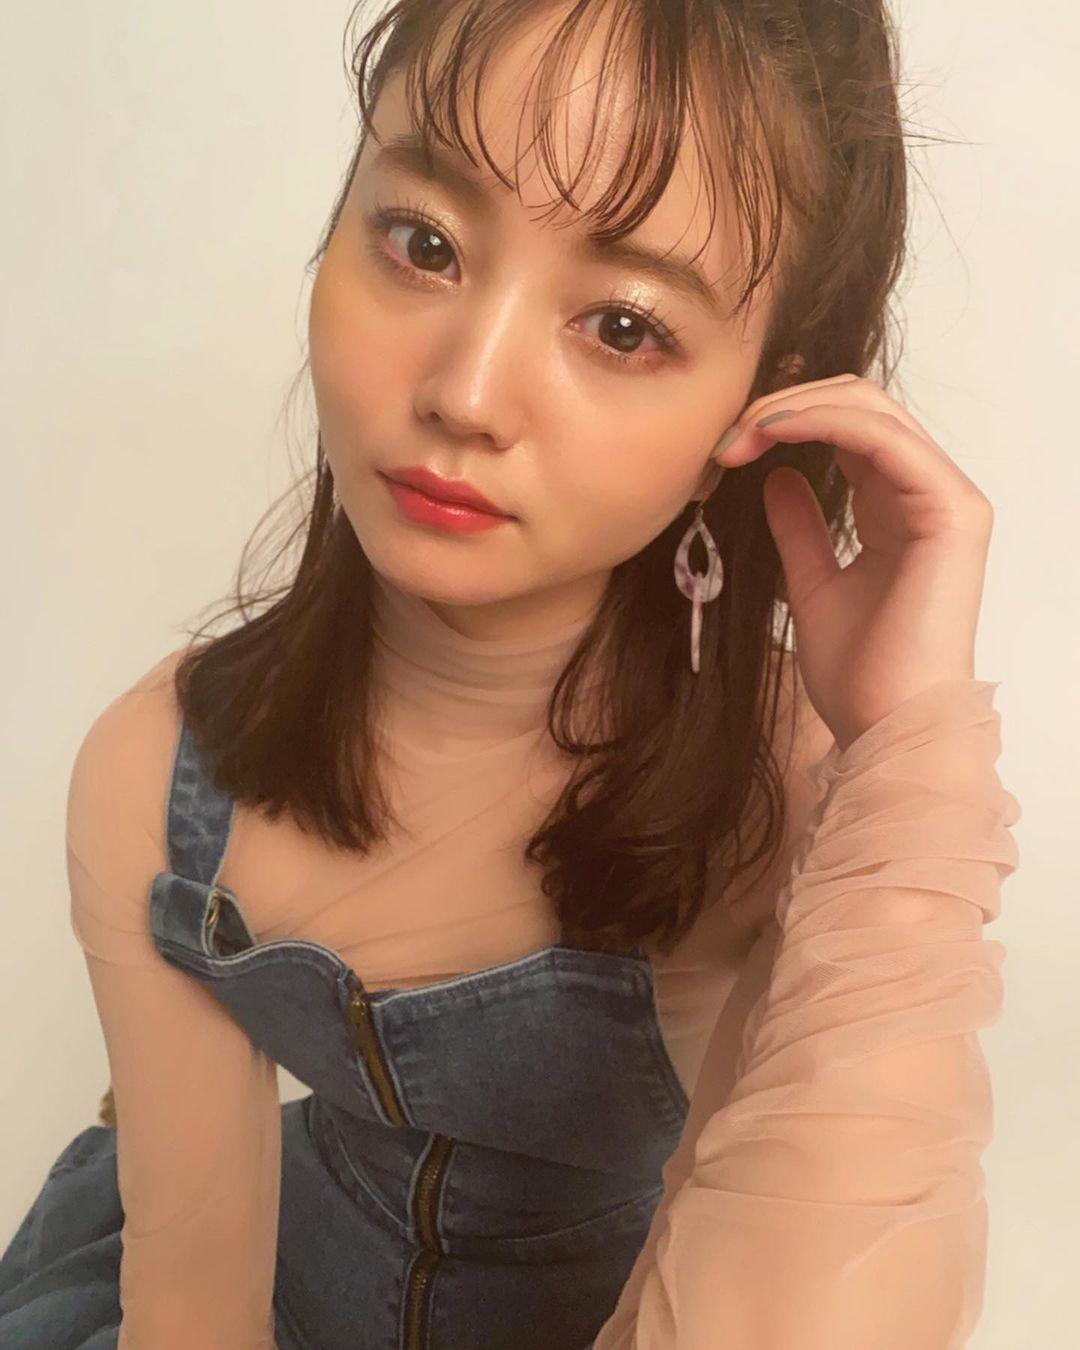 崛北真希妹妹NANAMI新生代清纯女 网络美女 第13张